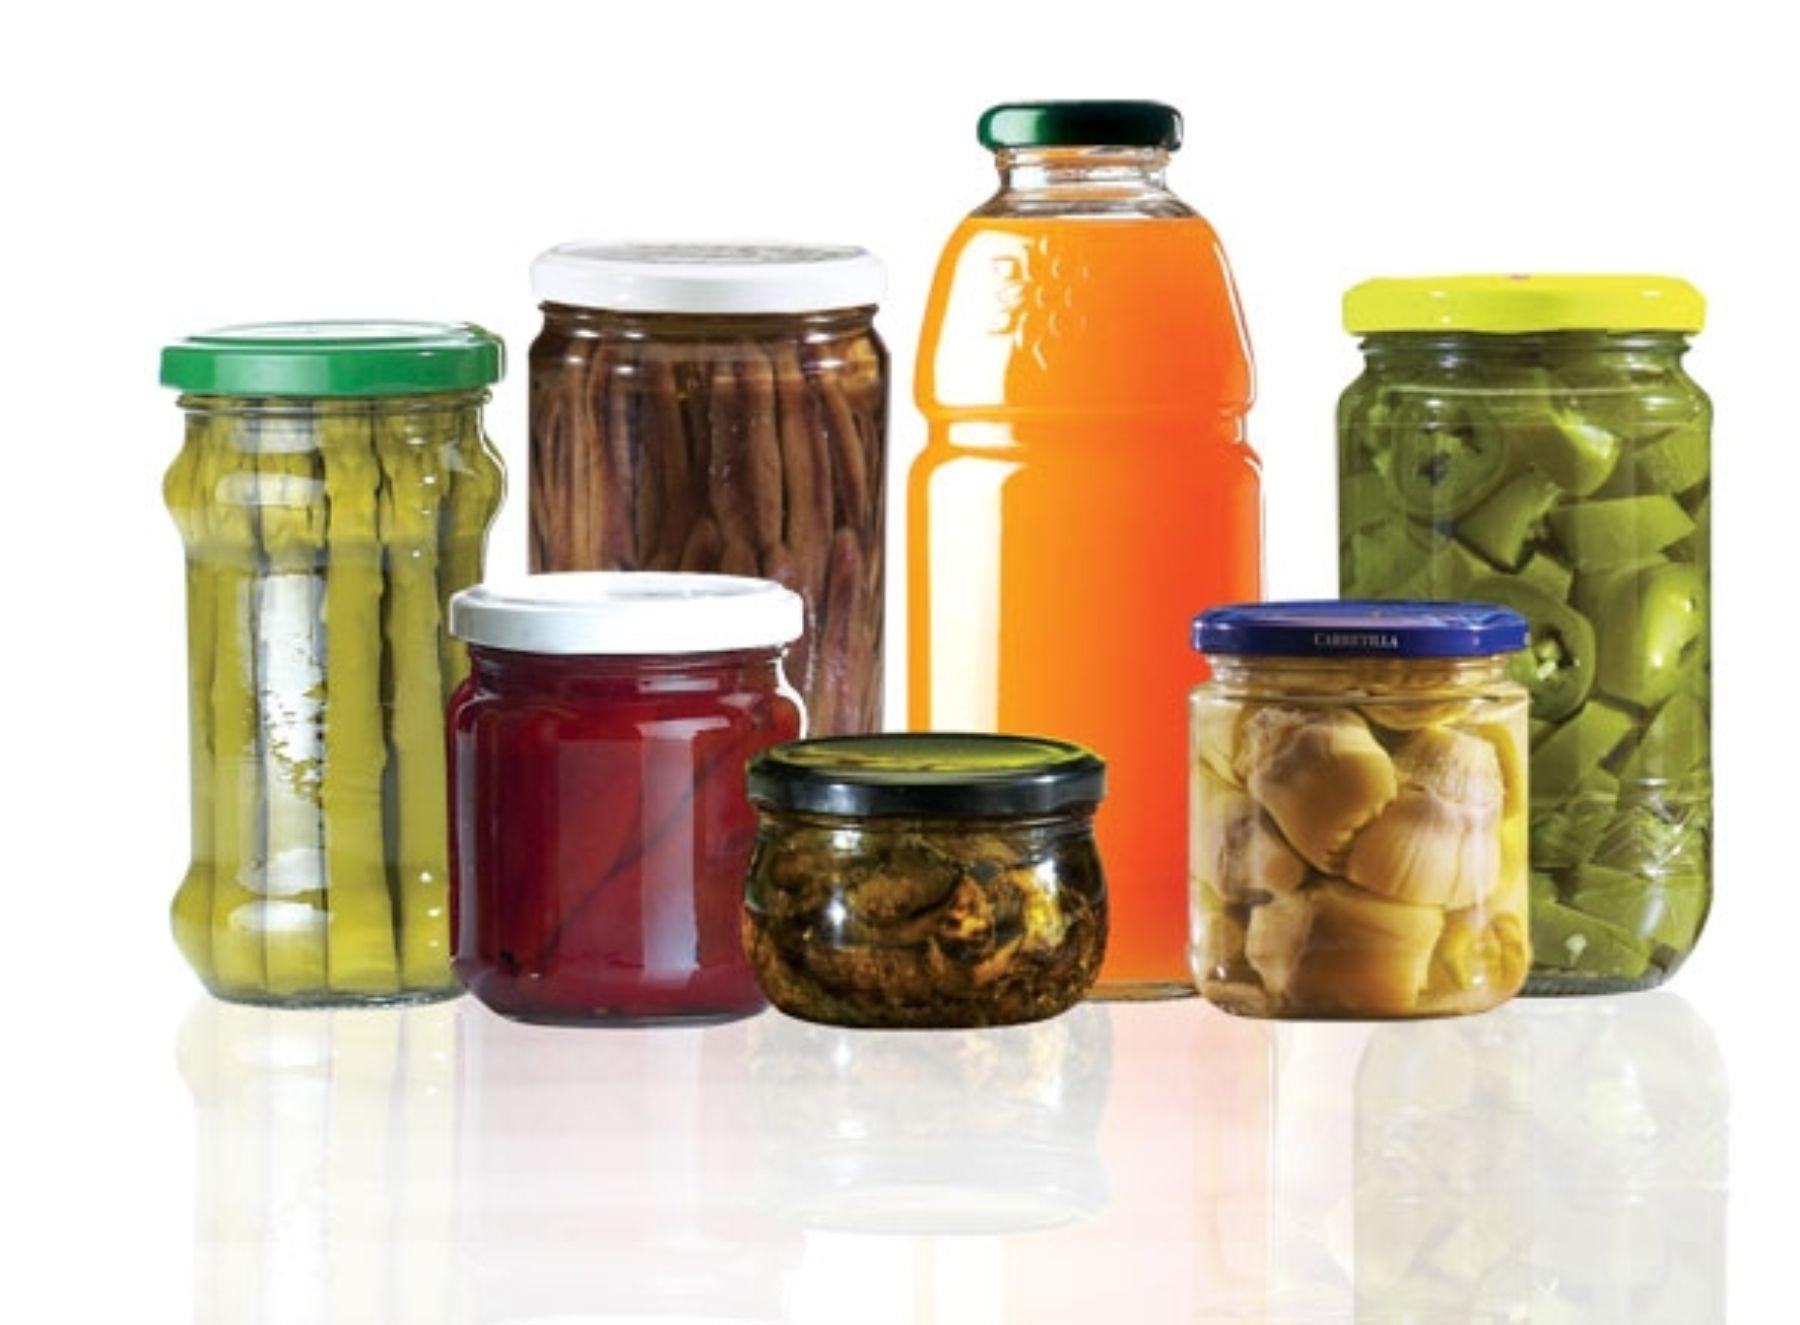 Recomiendan usar envases de vidrio en lugar de pl sticos para alimentos de ni os noticias - Envases alimentos ...